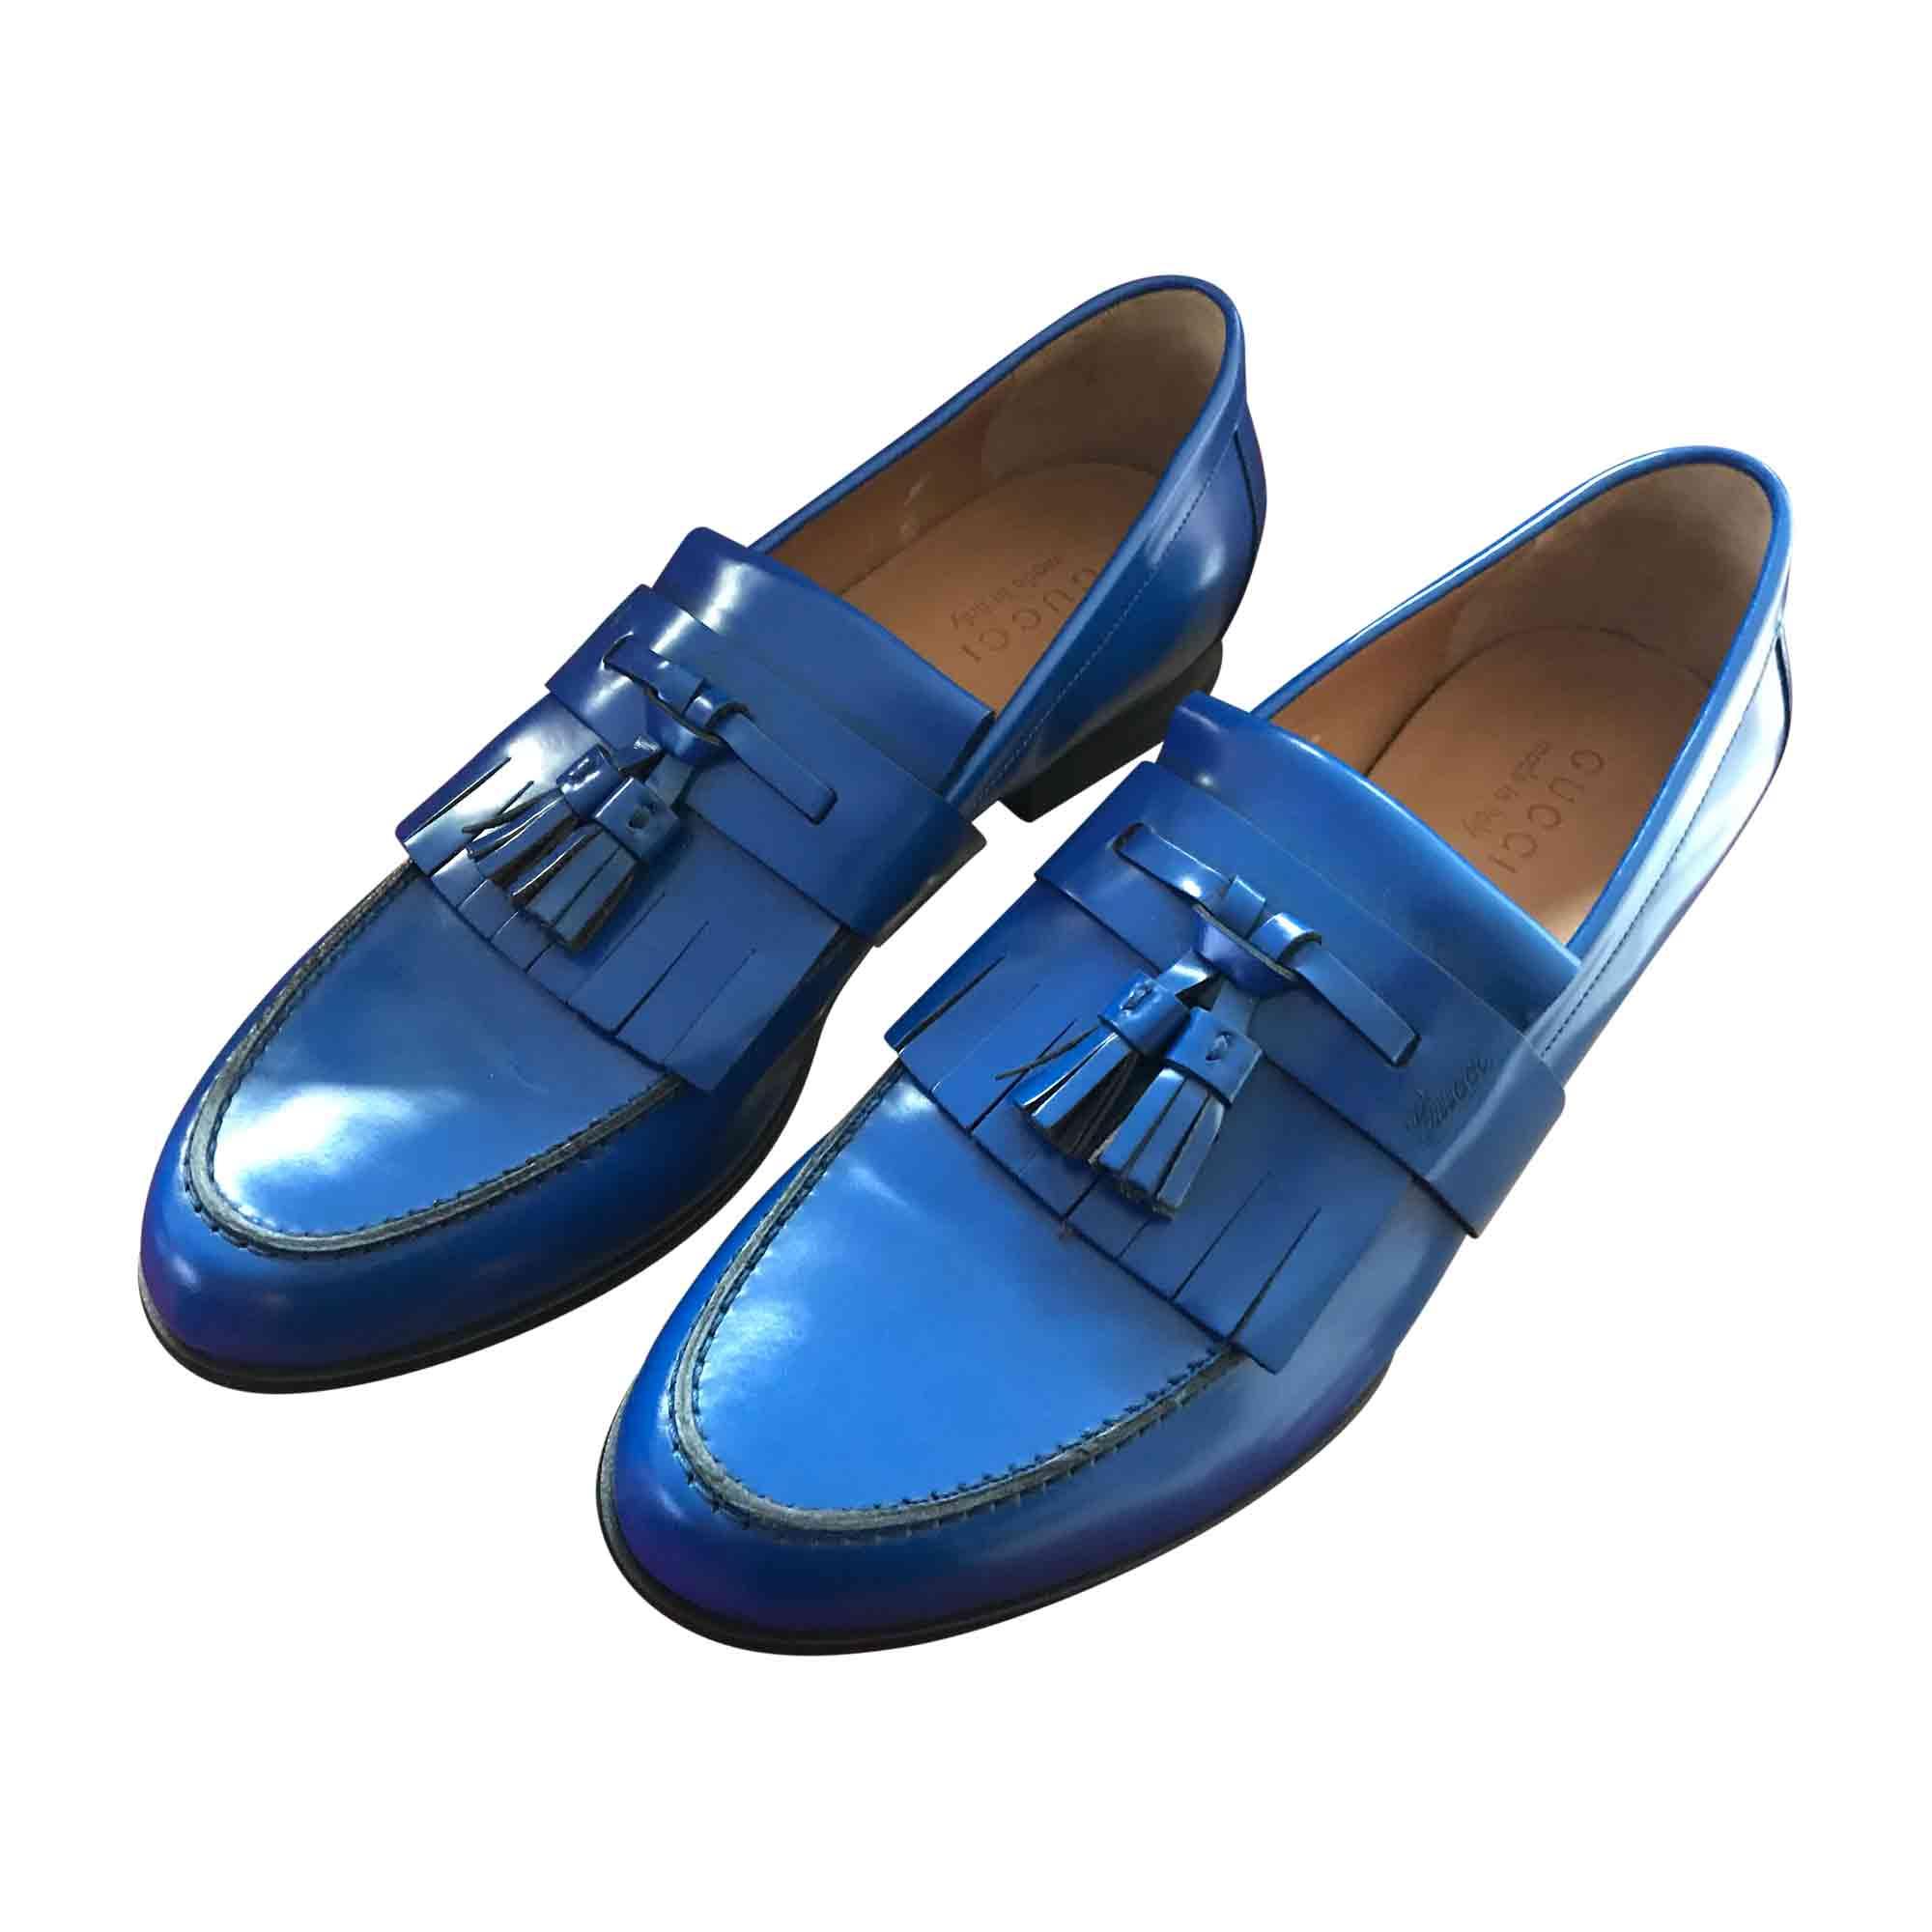 Mocassins GUCCI 42 bleu vendu par Giumelli - 6286287 66f06325204